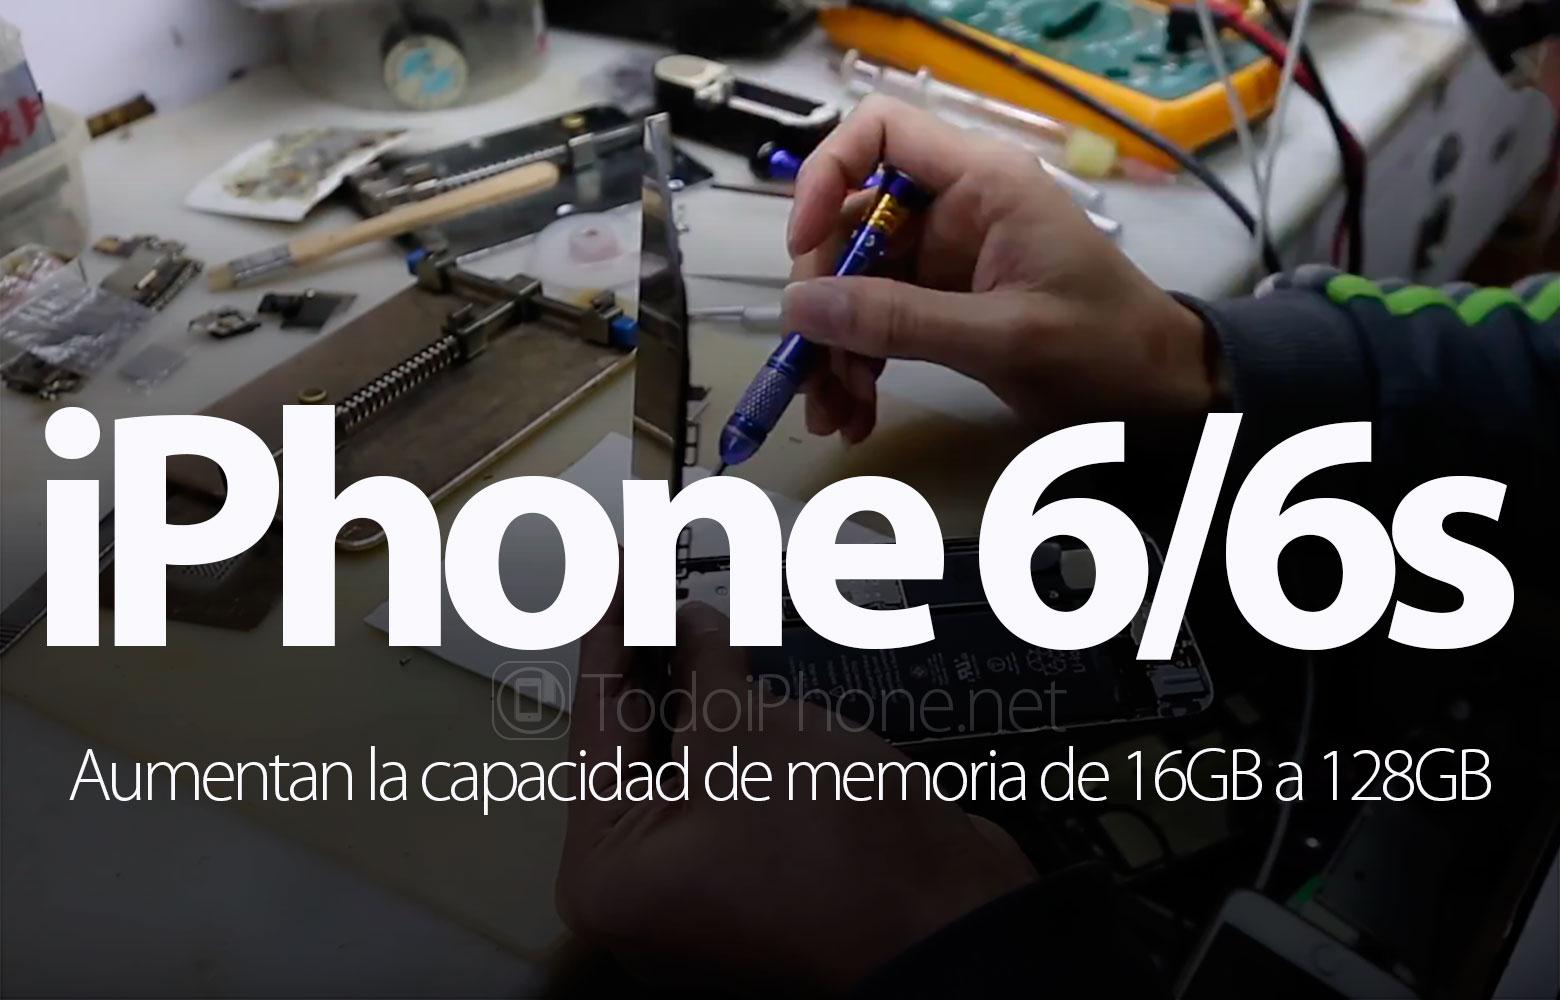 aumentan-memoria-iphone-6s-16gb-128gb